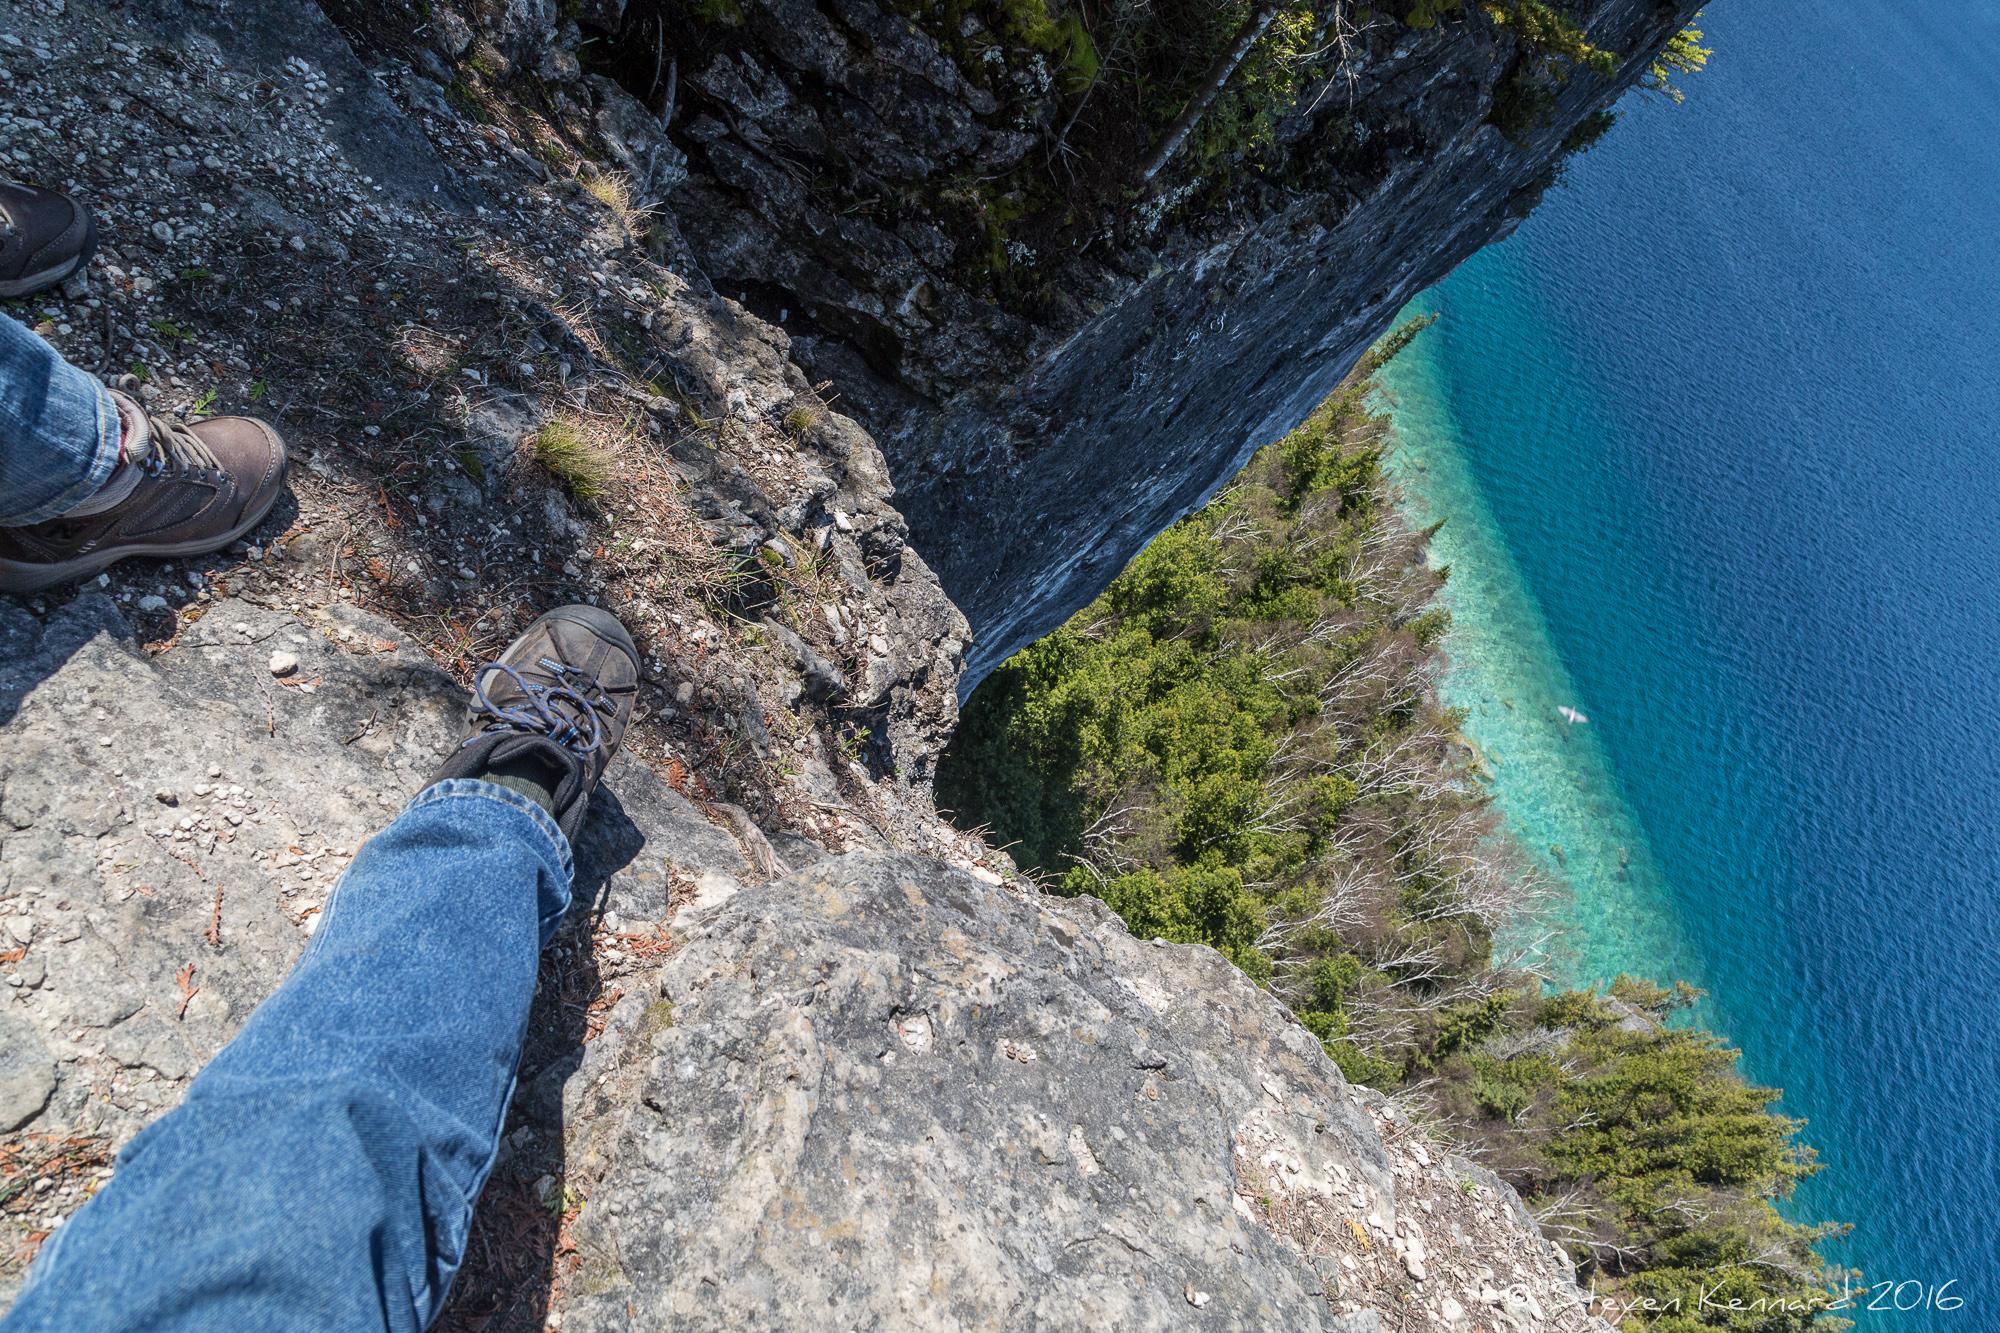 Overlooking Georgian Bay- Steven Kennard 2016